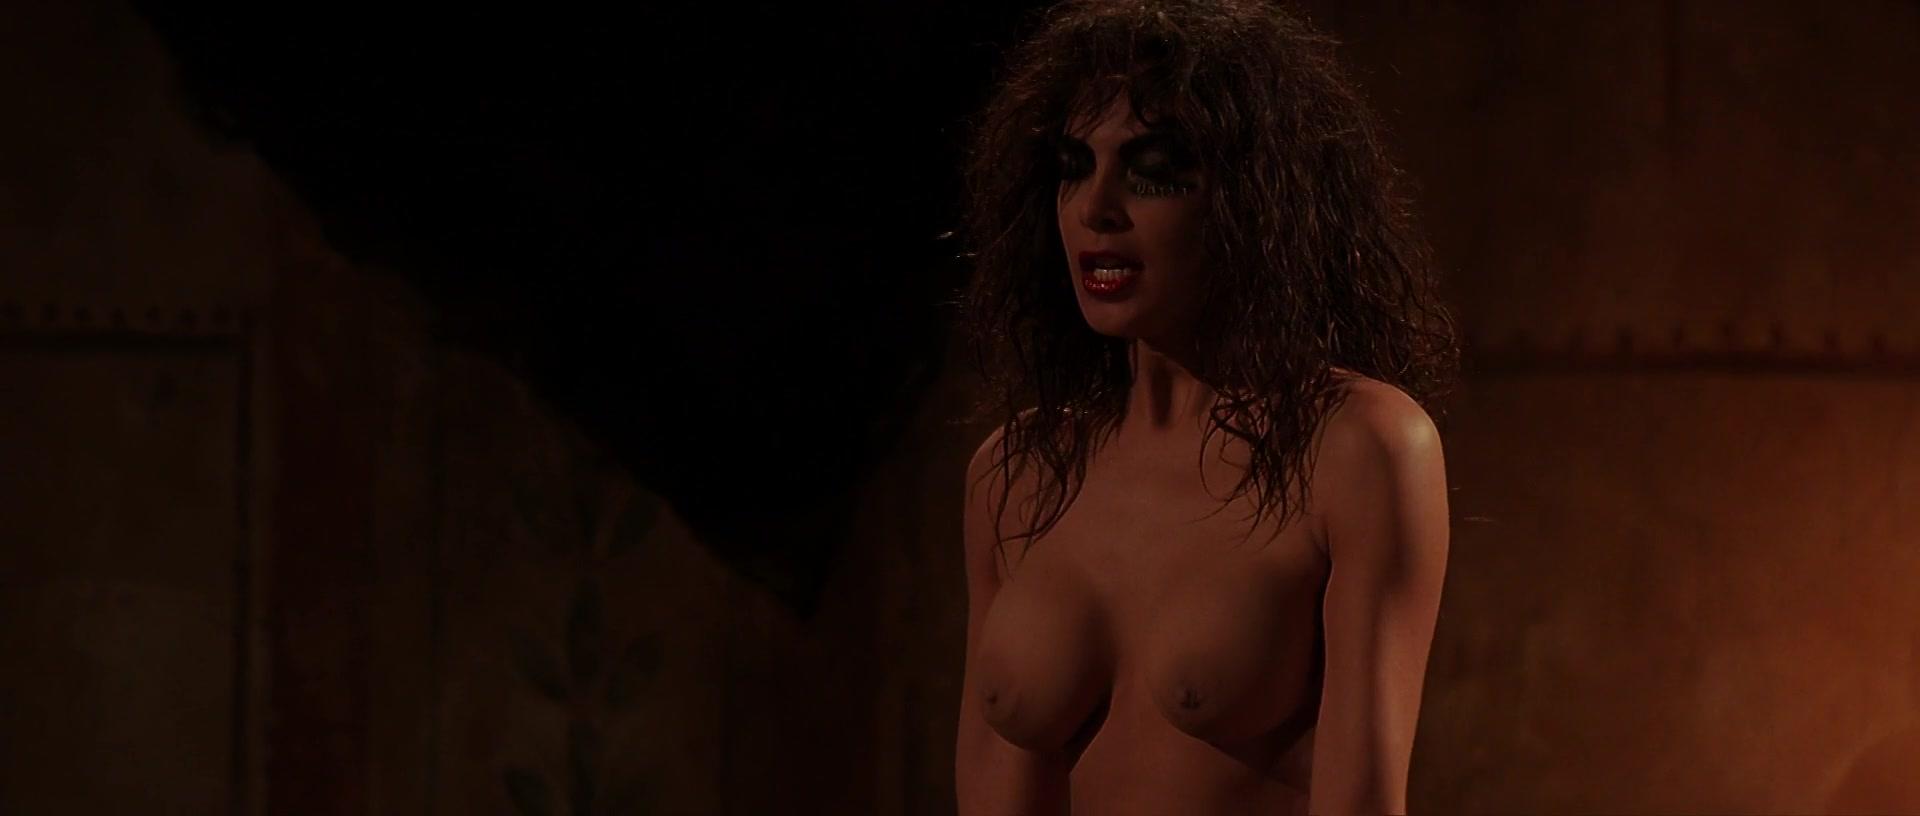 Asia argento breasts, bush scene in scarlet diva